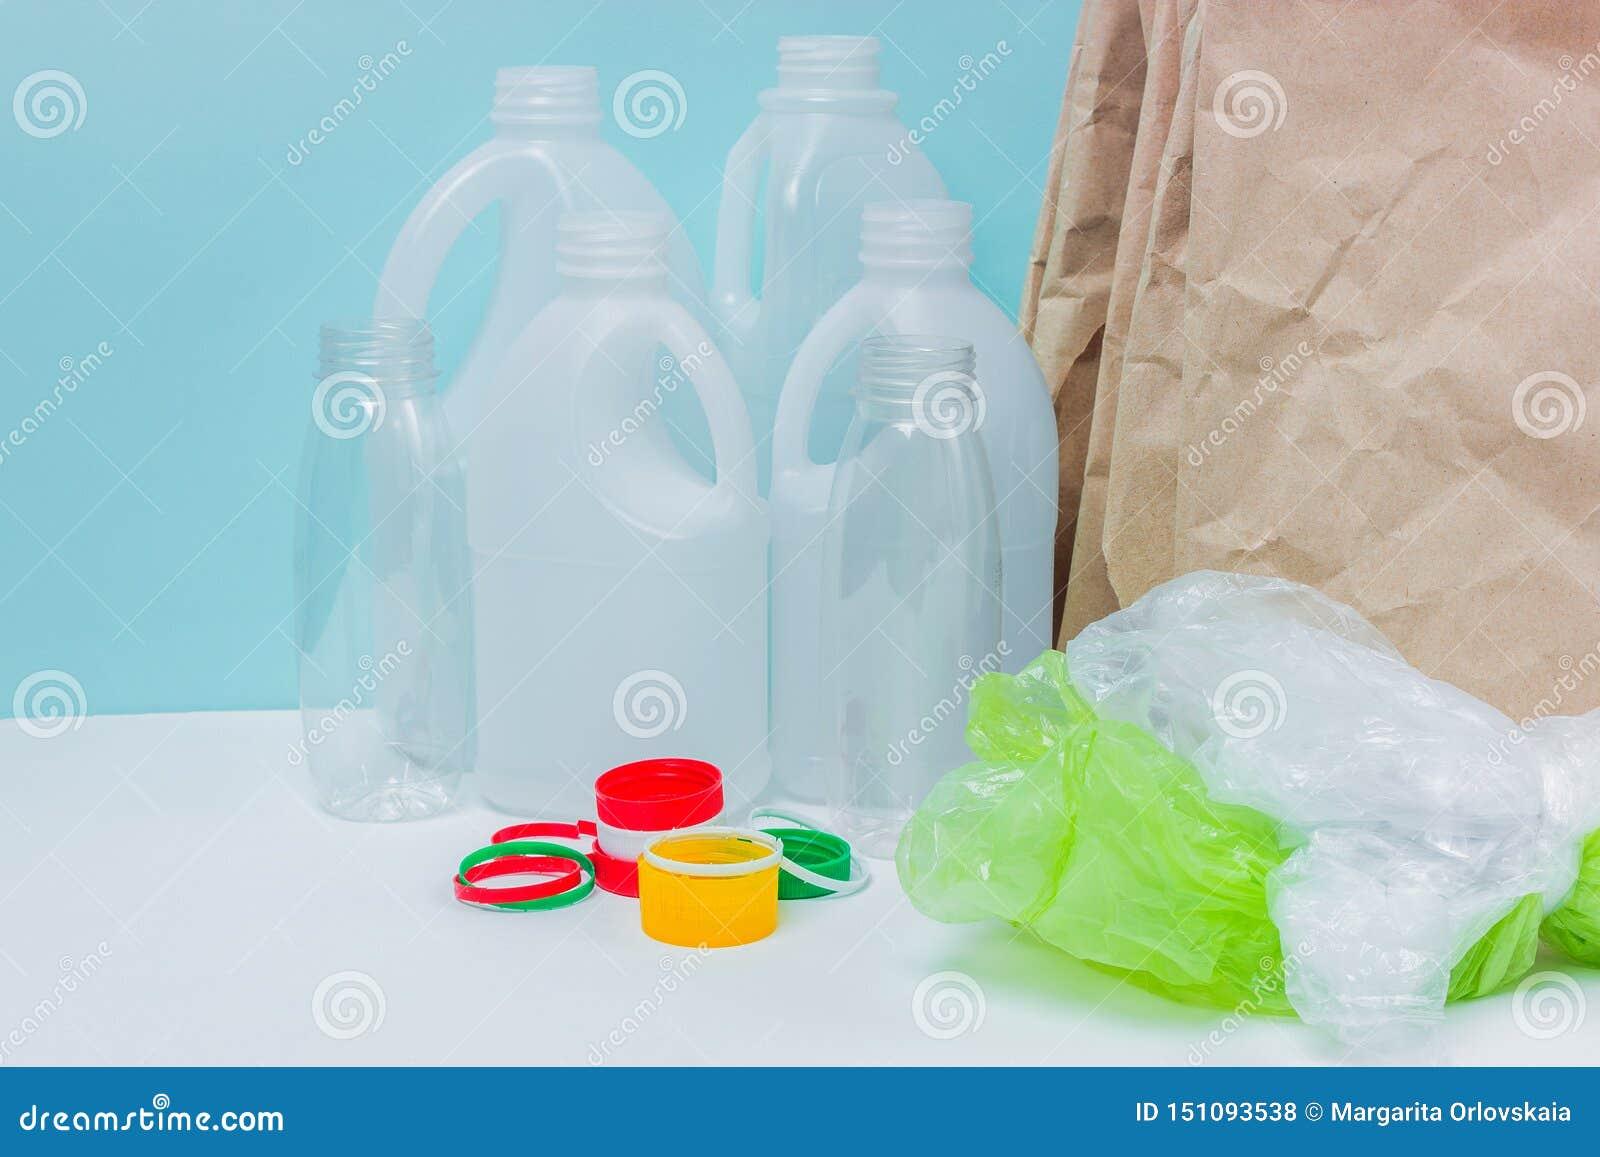 Materiais recicláveis no fundo azul